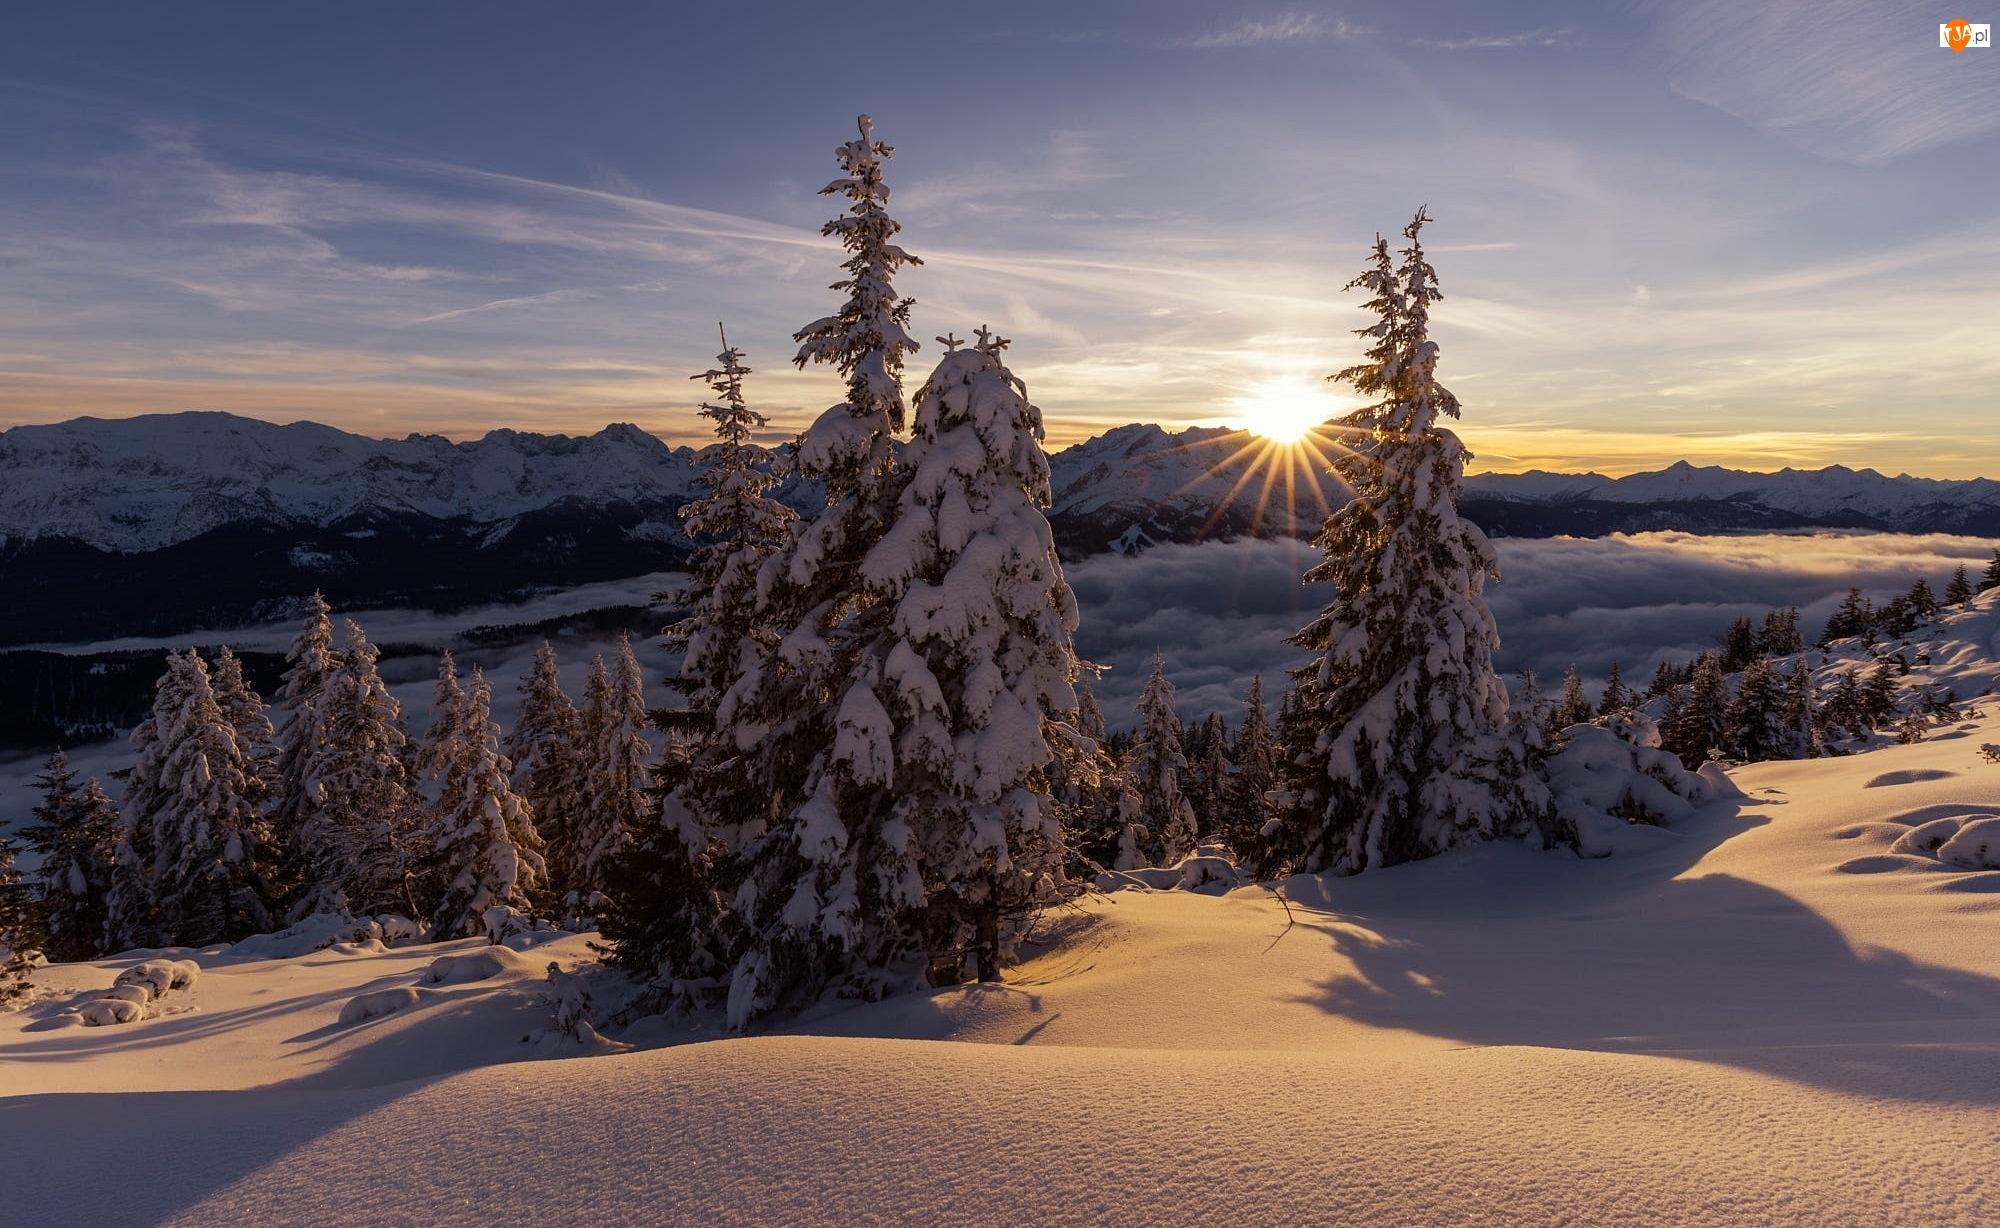 Zima, Zachód słońca, Alpy Wschodnie, Drzewa, Bawaria, Ośnieżone, Niemcy, Mgła, Góra Wank, Góry